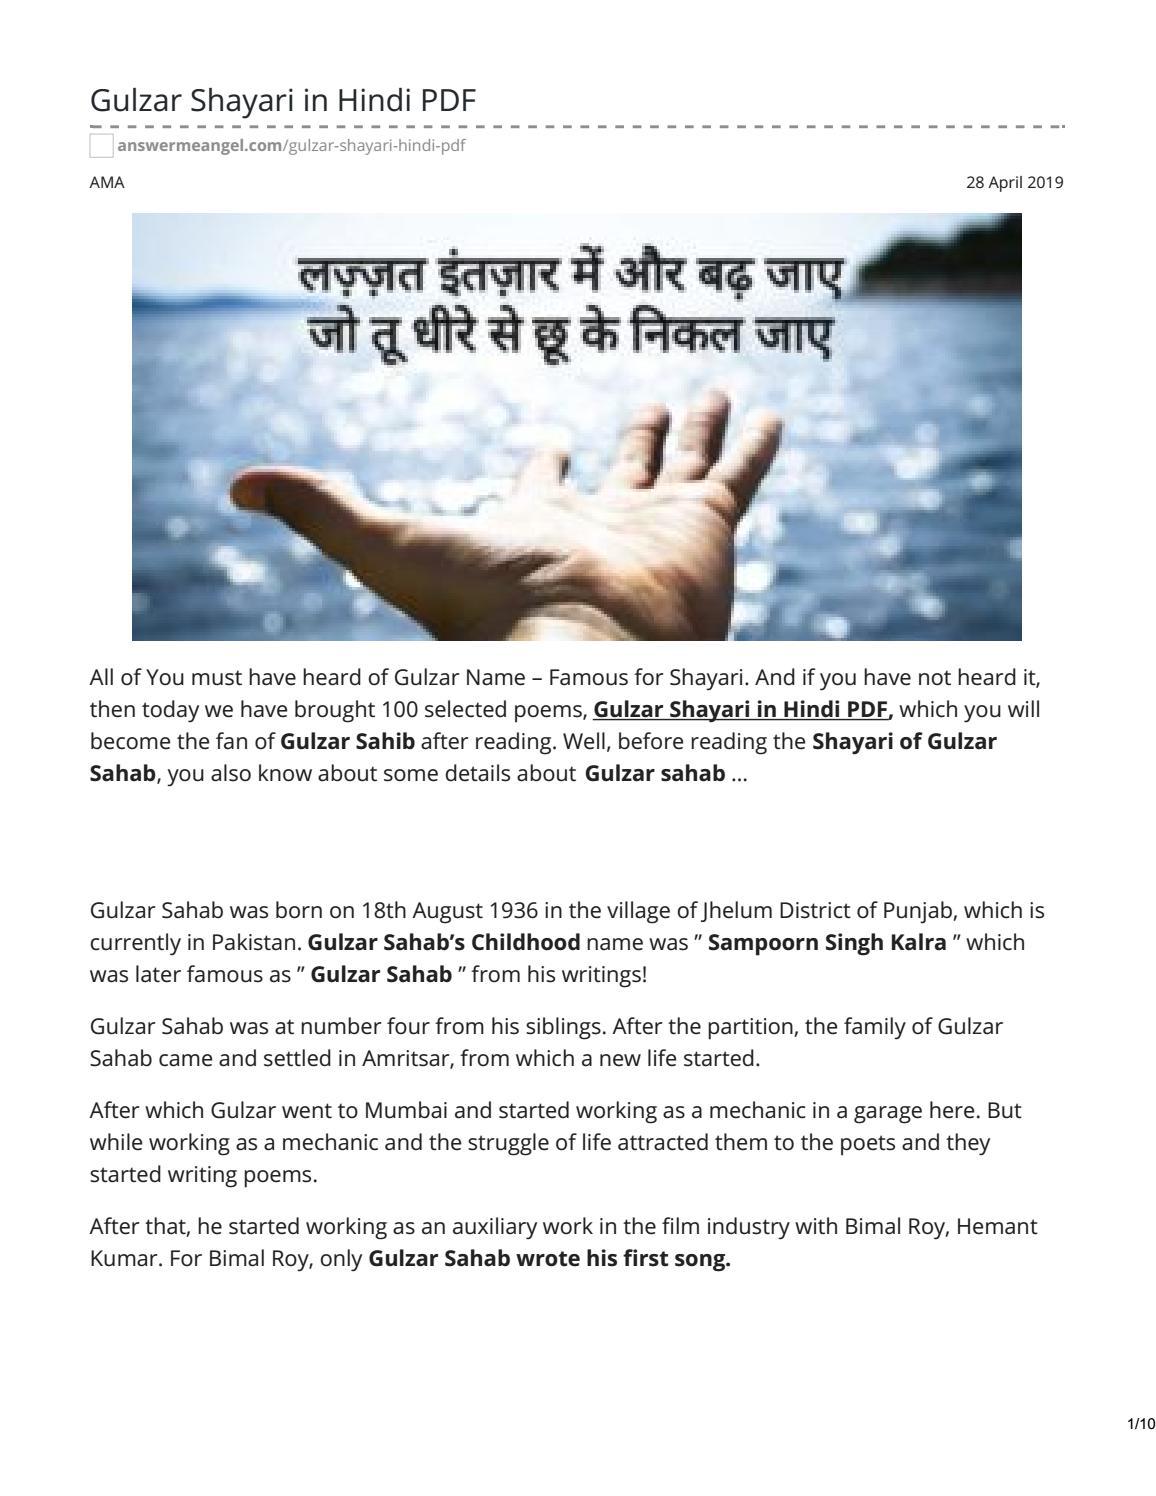 Gulzar Shayai in Hindi PDF by answermeangel99 - issuu